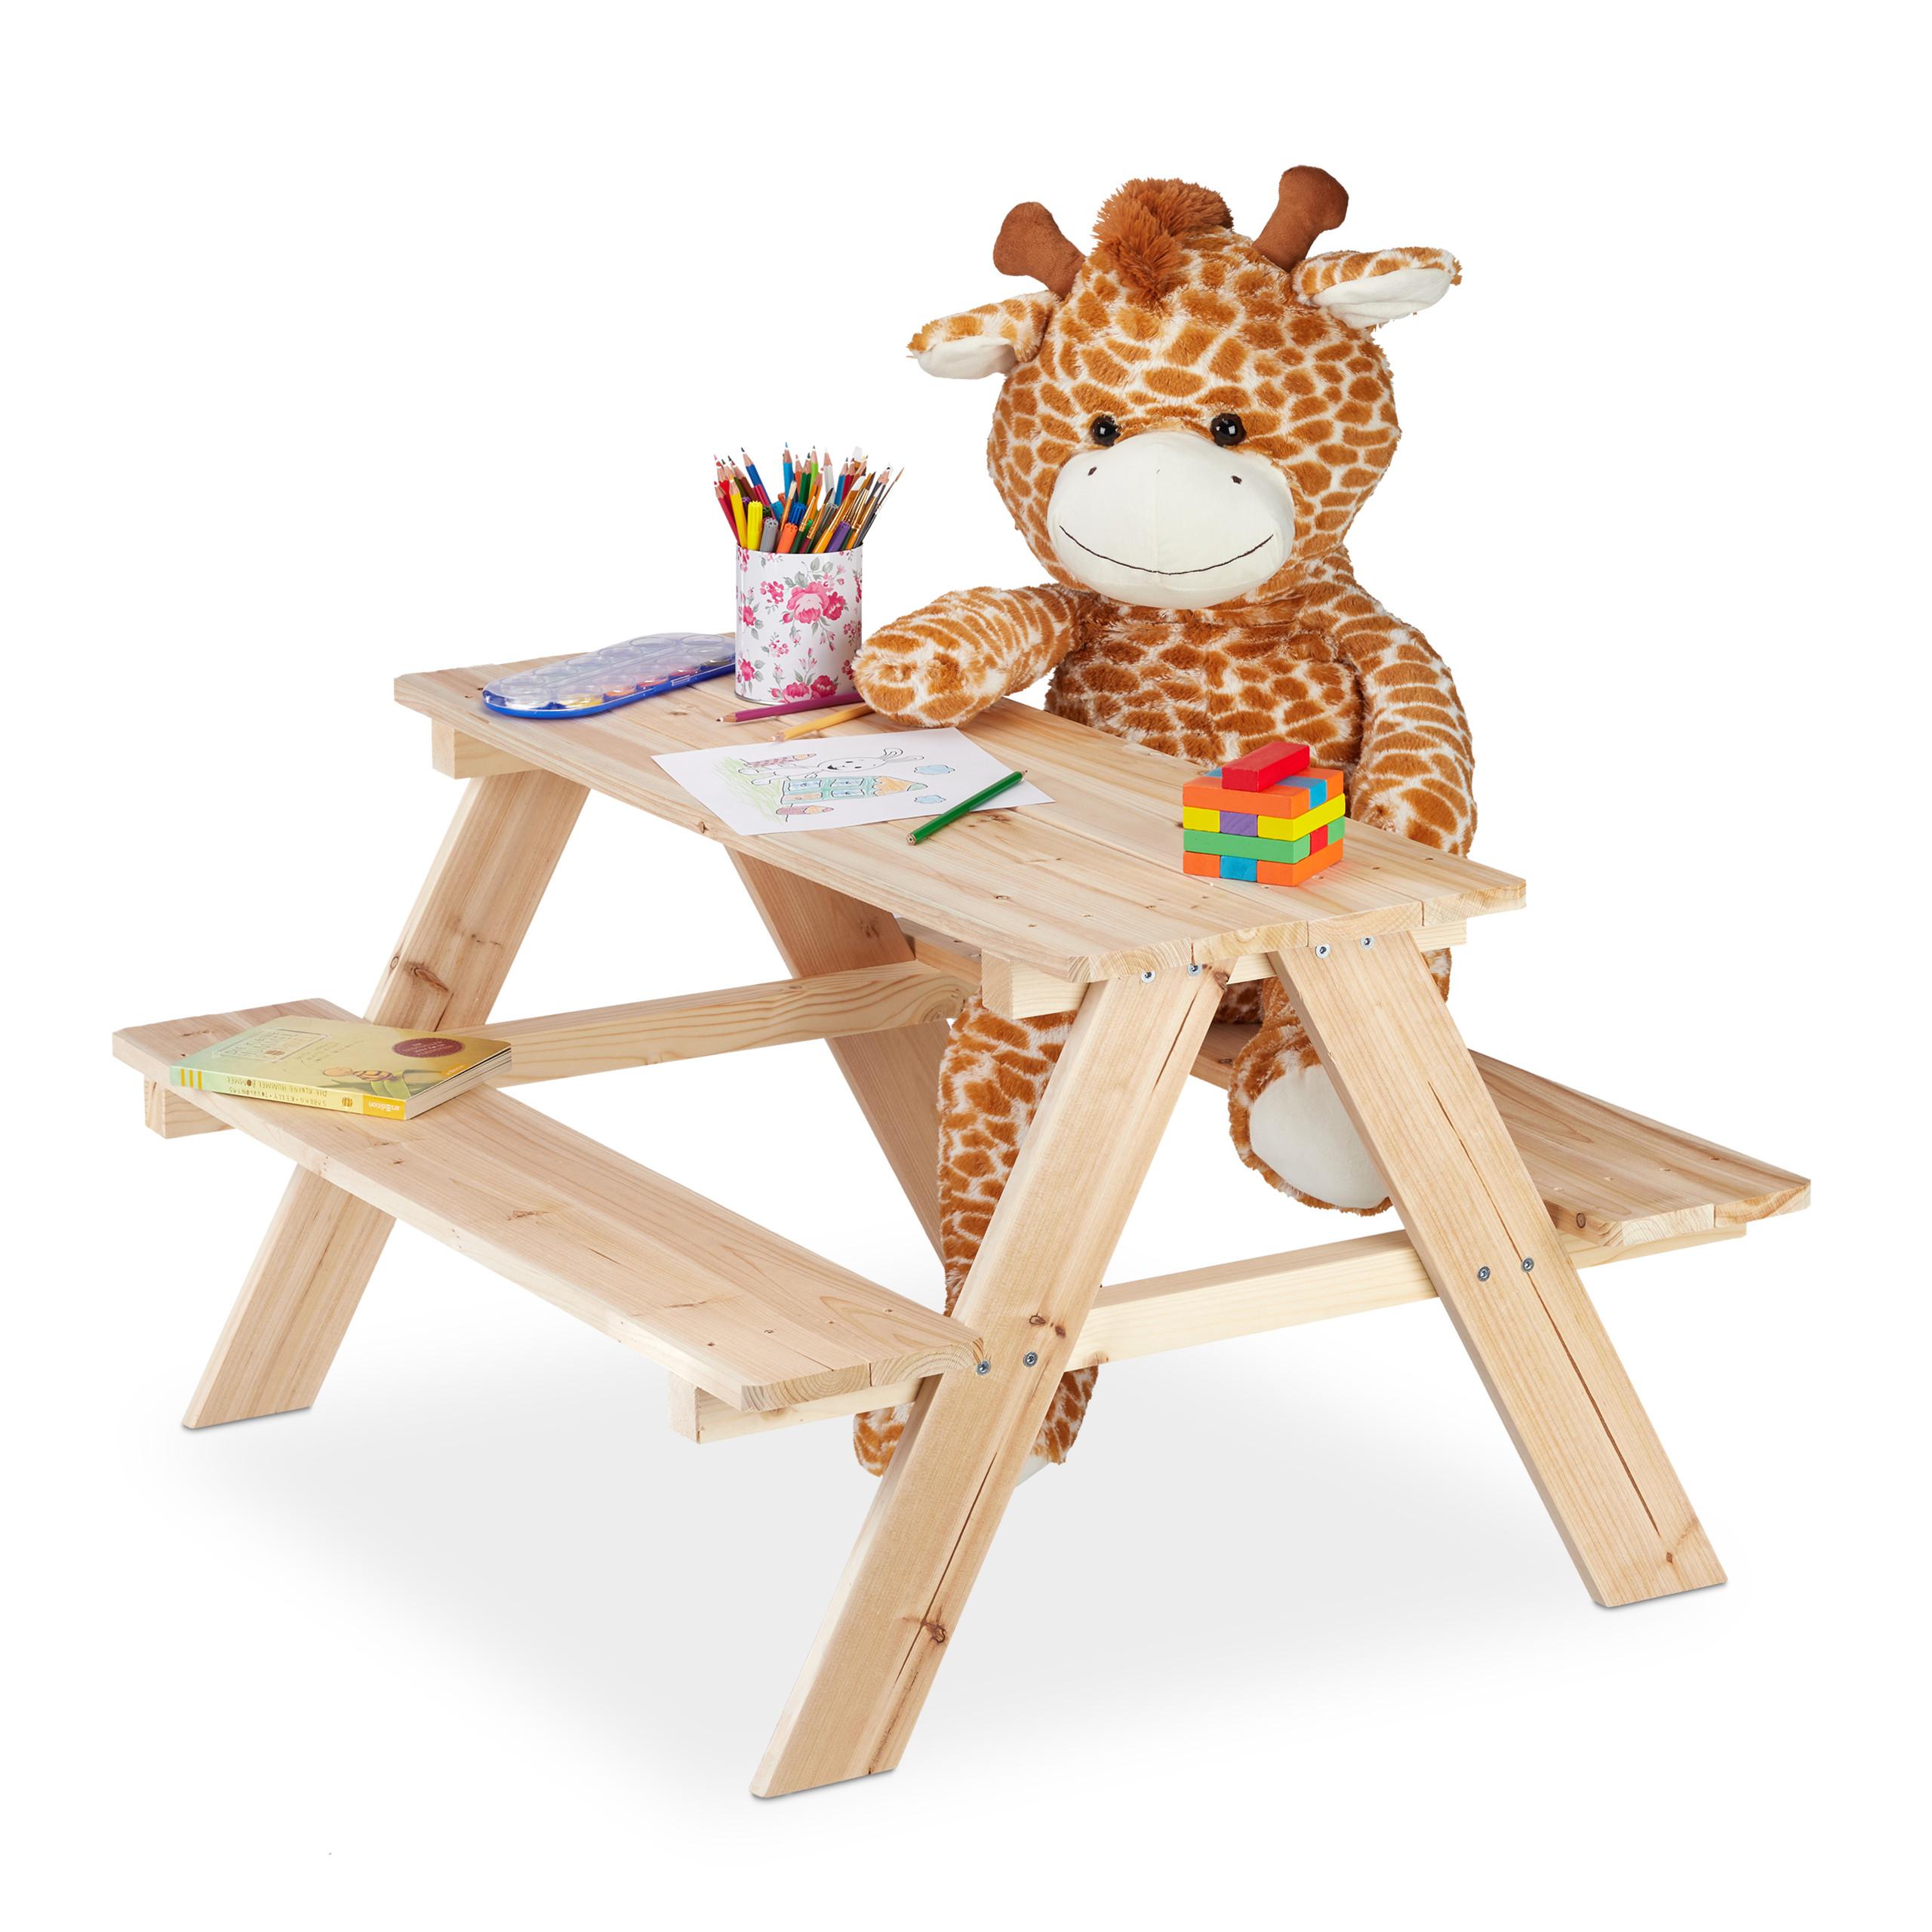 Detalles de Mobiliario infantil jardín, Banco jardín madera, Mesa de  juegos, Muebles jardín